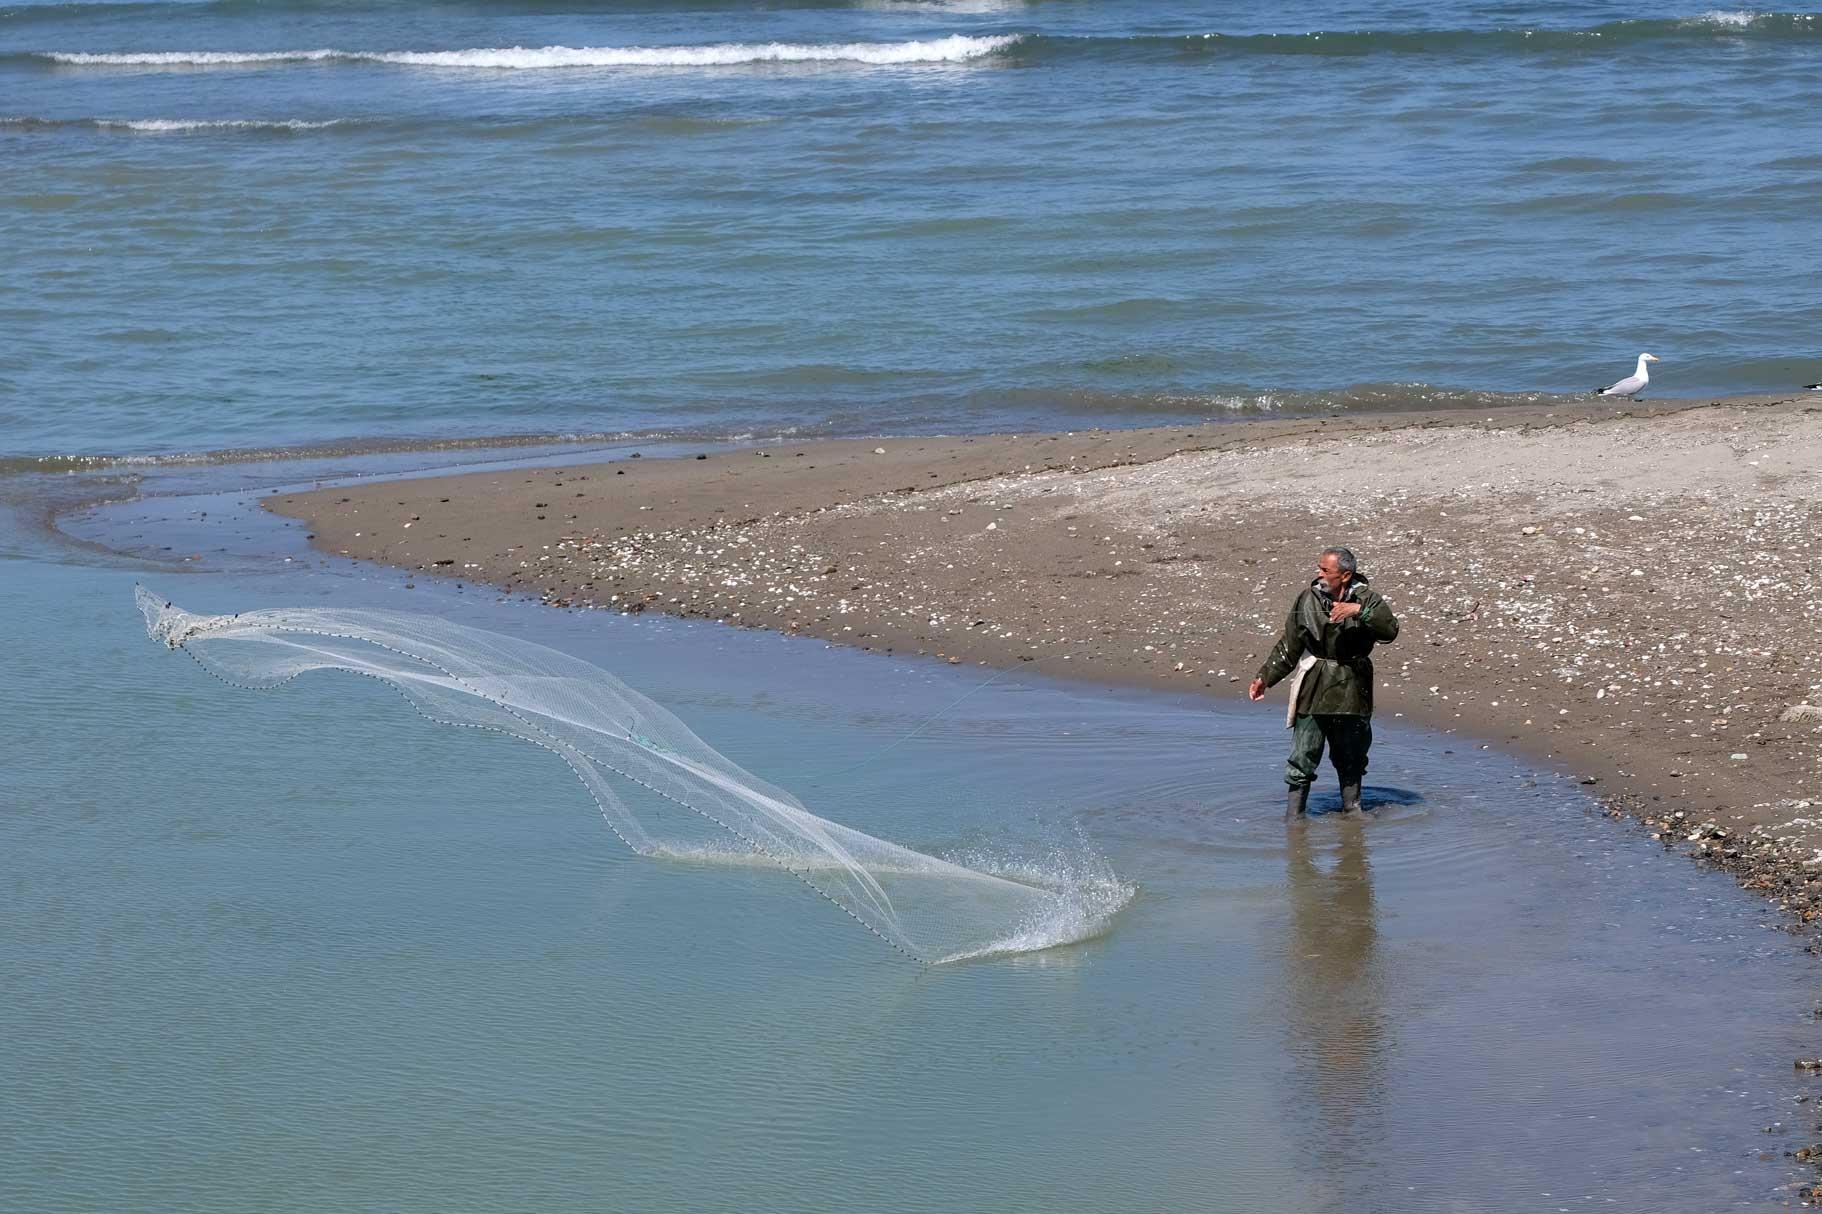 Ein Fischer wirft in Ufernähe ein Netz aus